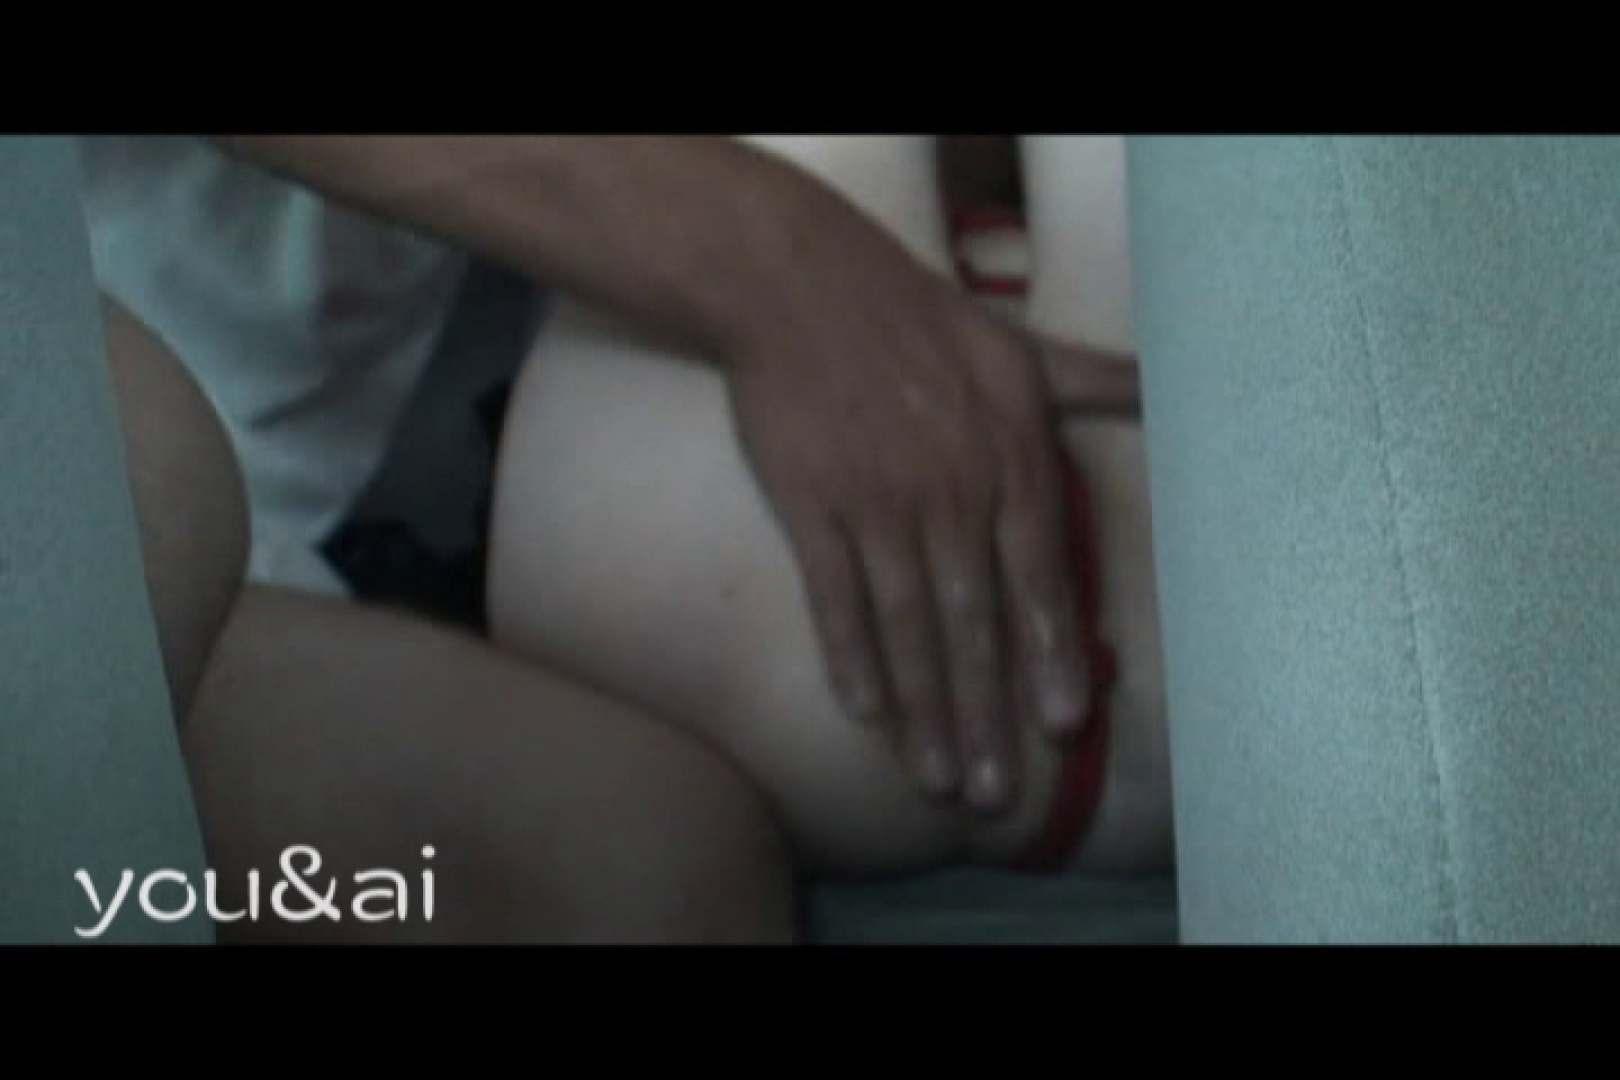 おしどり夫婦のyou&aiさん投稿作品vol.4 投稿作品   エッチすぎるOL達  25連発 8